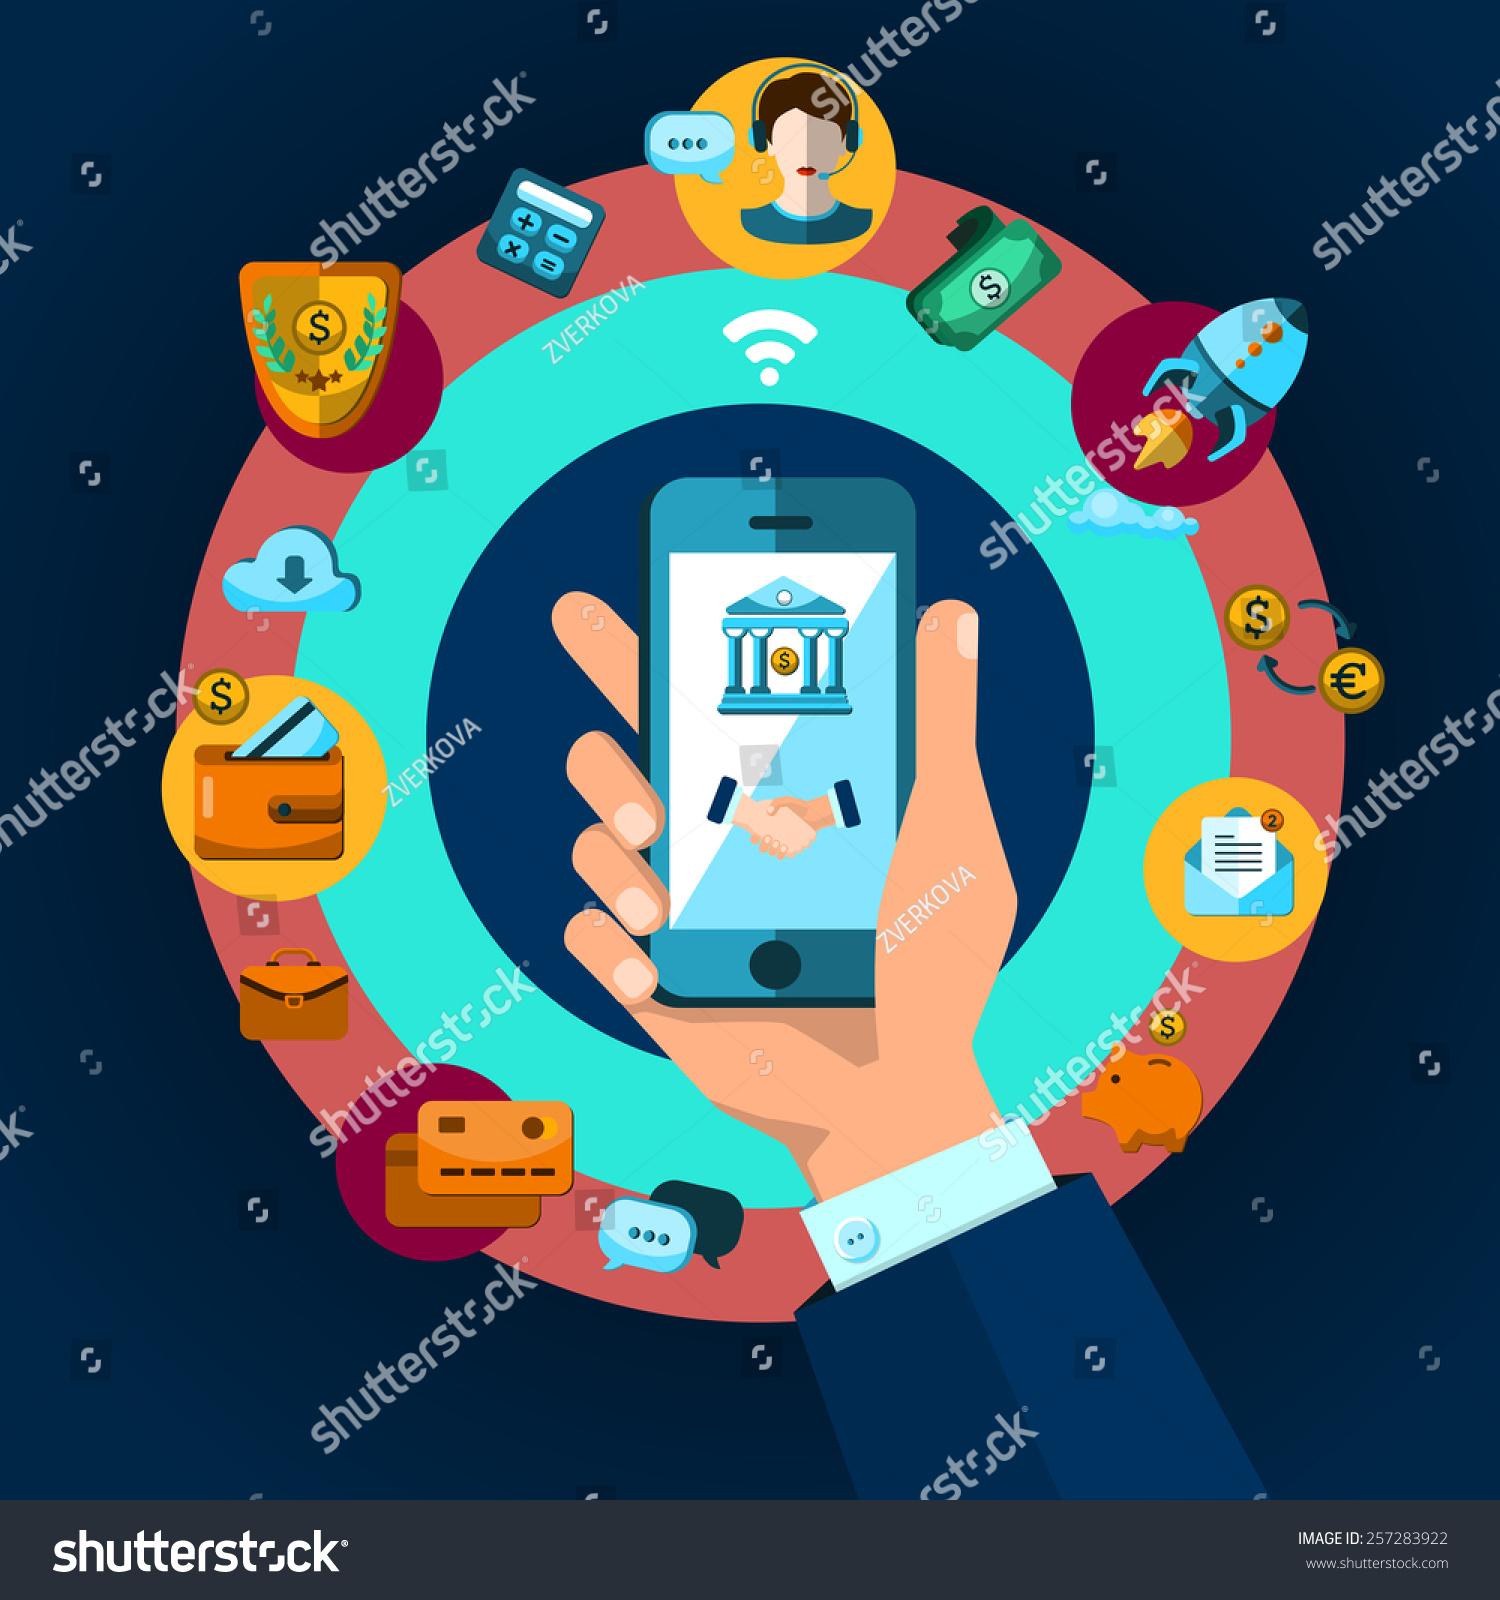 移动银行,金融,商业图标平面设计.应用程序图标,业务